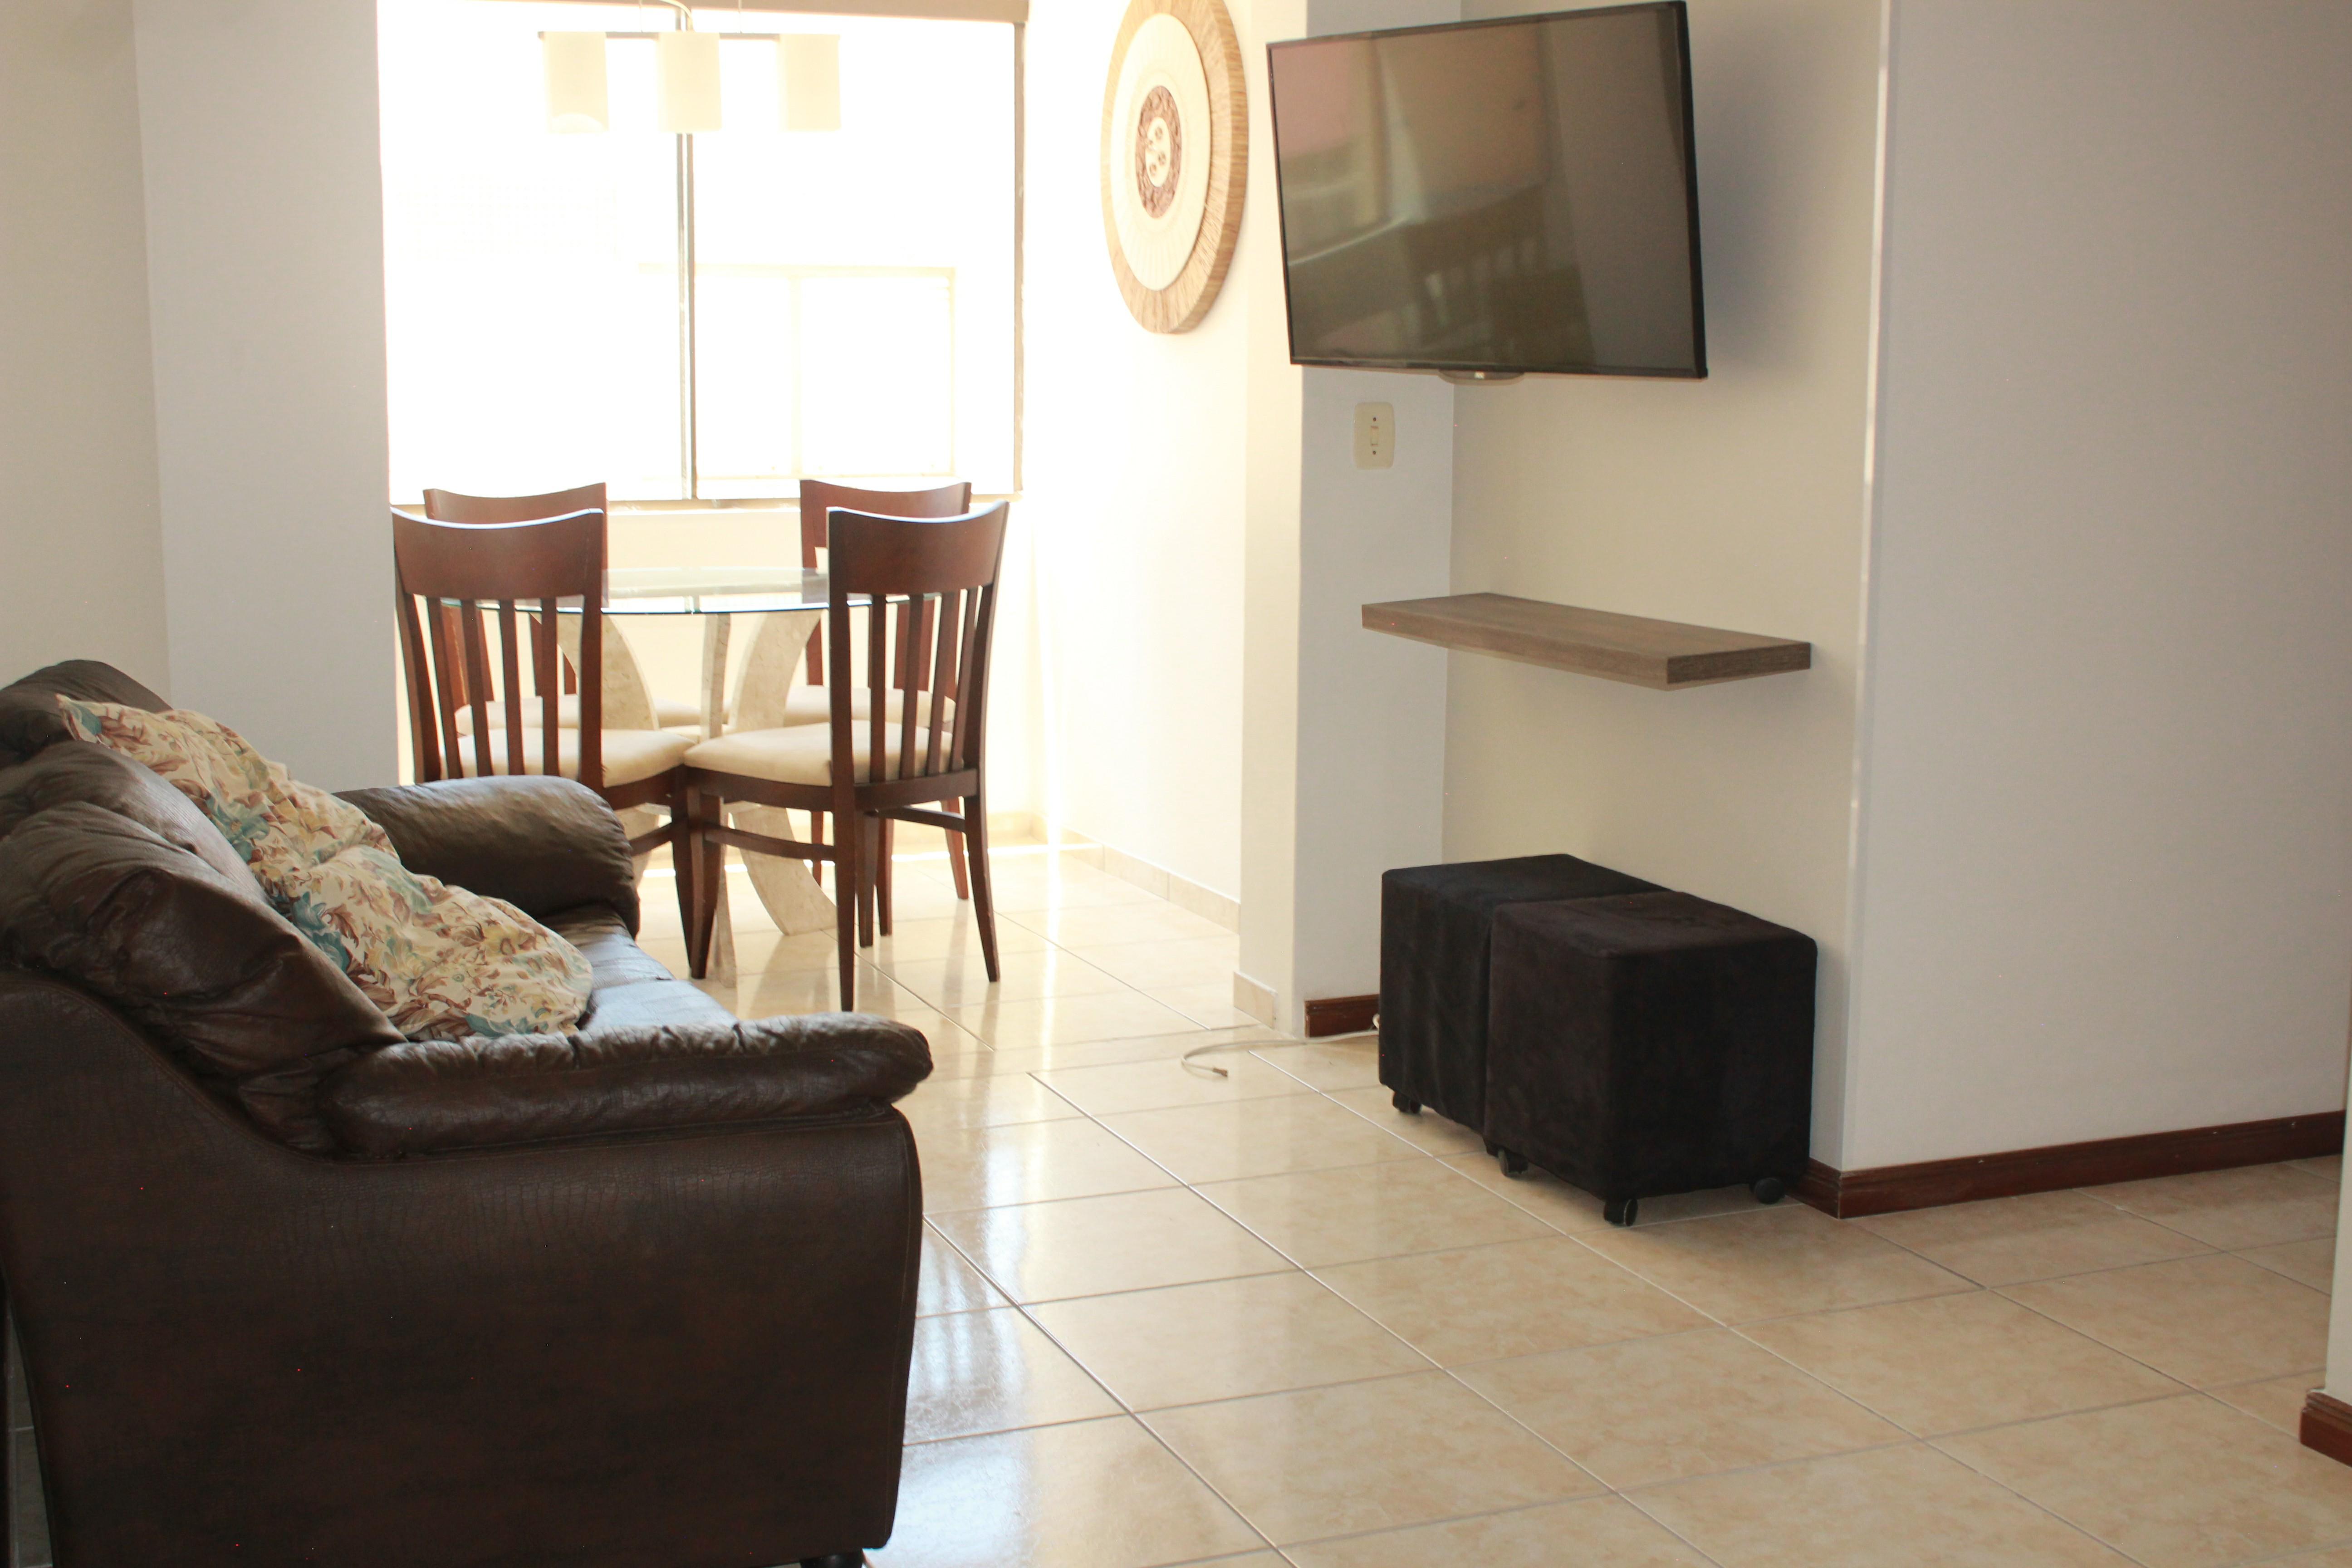 Apartamento 2 dormitórios em Capão da Canoa   Ref.: 6194